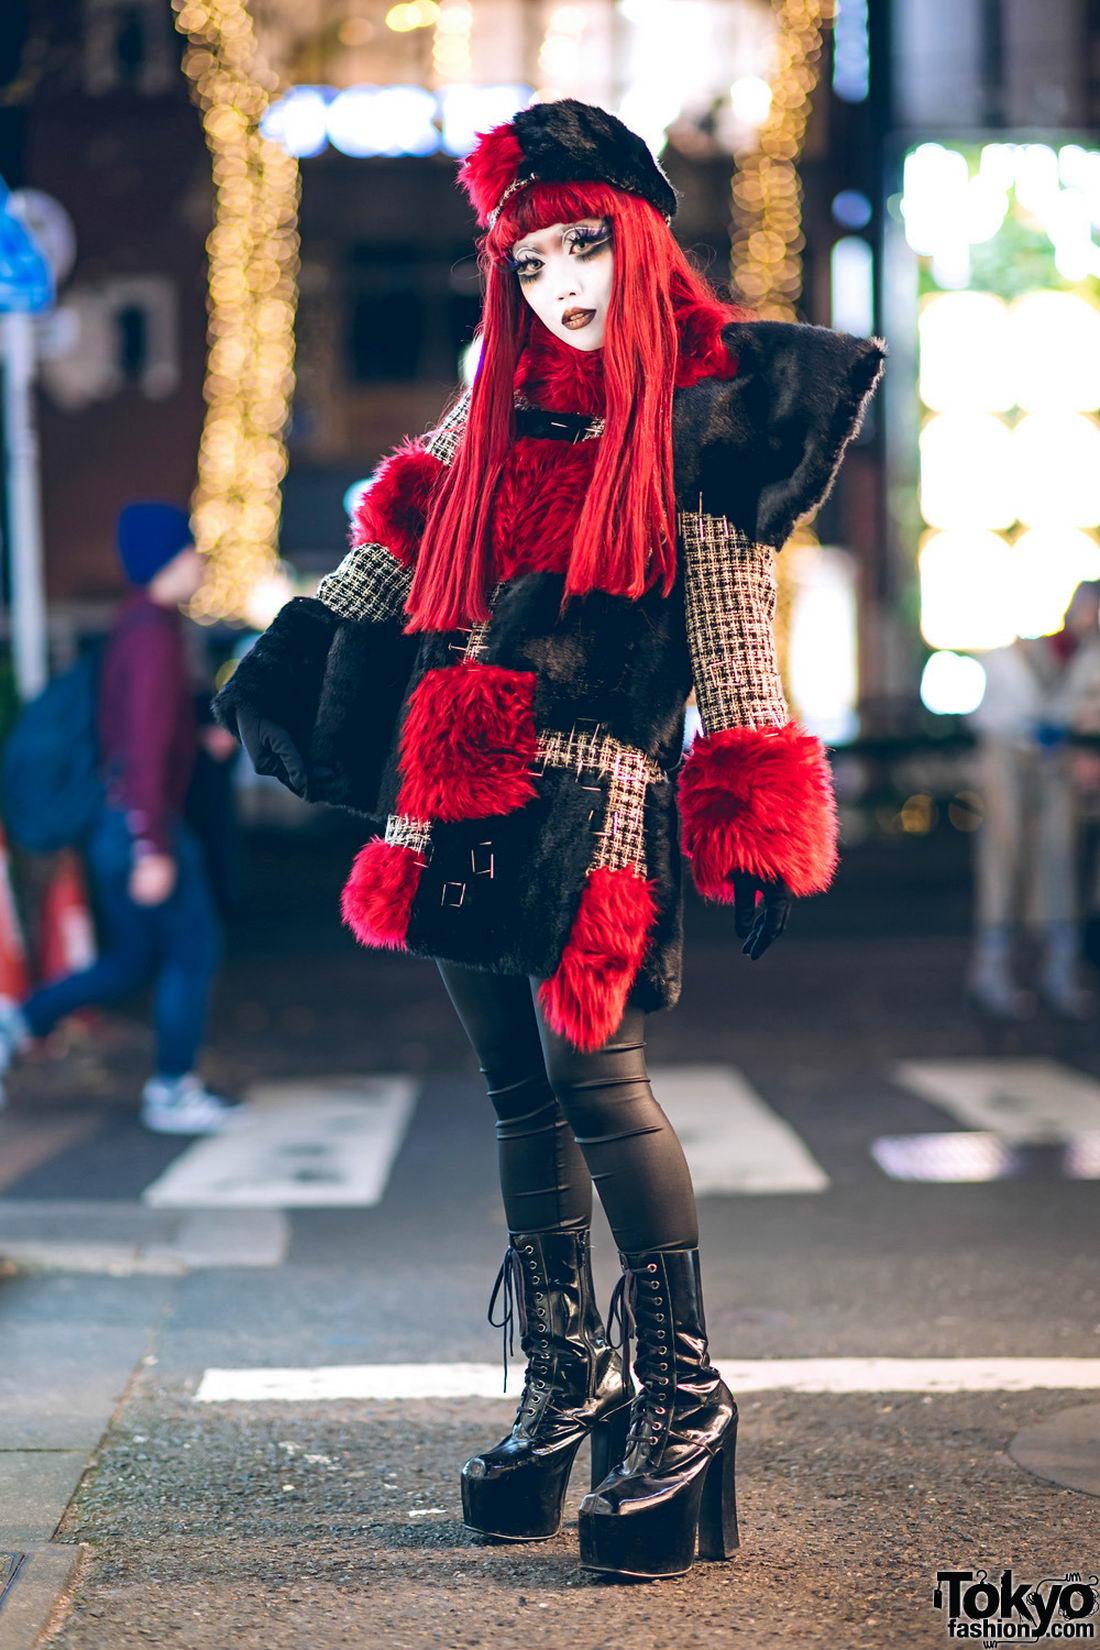 Модные и яркие персонажи с улиц Токио - 28 (40 фото)